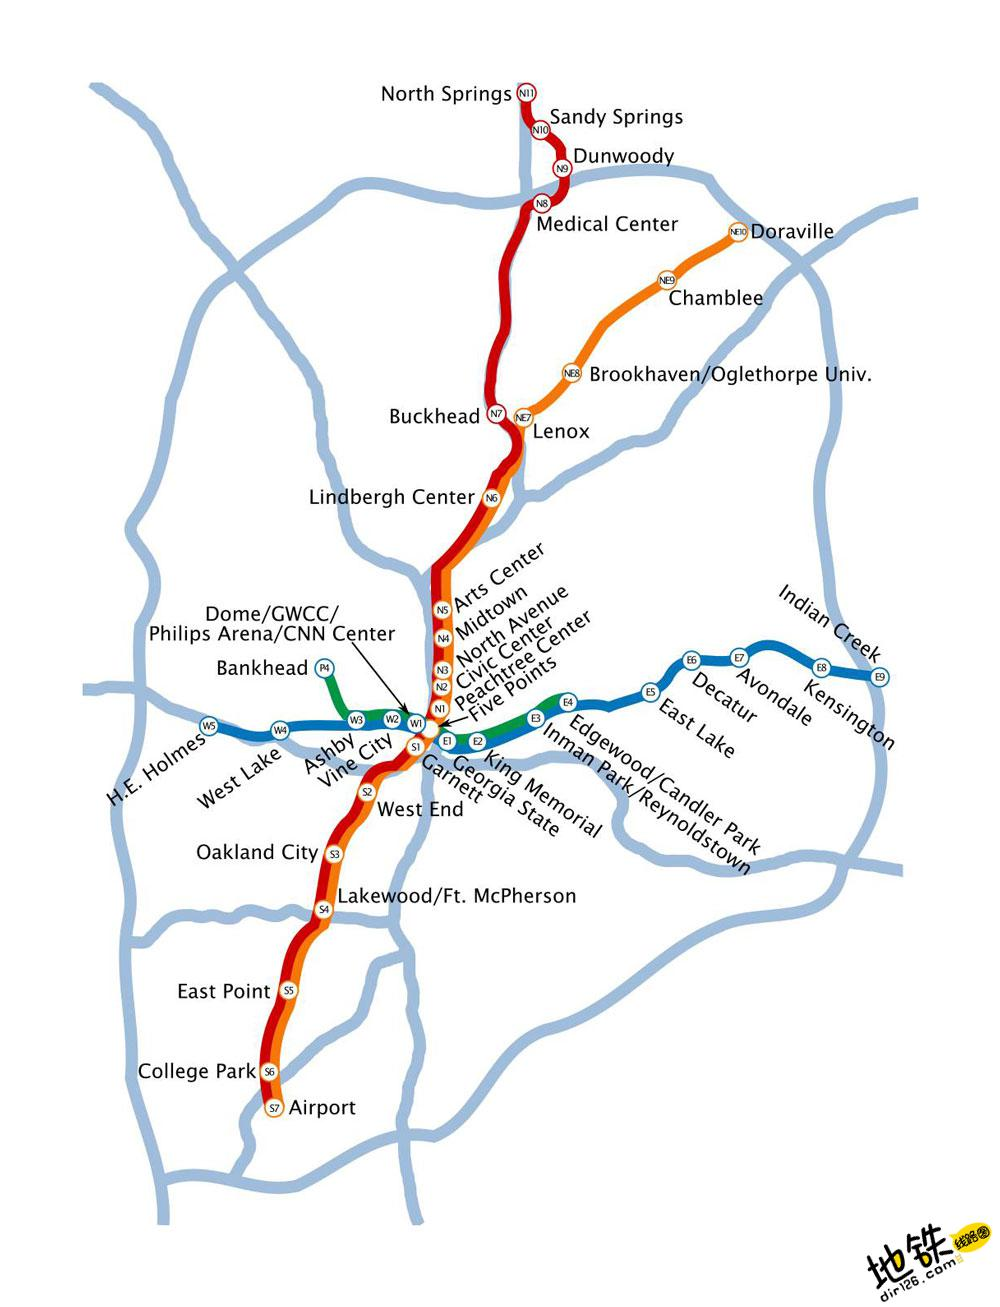 美国亚特兰大地铁线路图 运营时间票价站点 查询下载 亚特兰大地铁票价查询 亚特兰大地铁运营时间 亚特兰大地铁线路图 亚特兰大地铁 美国亚特兰大地铁 美国地铁线路图  第2张